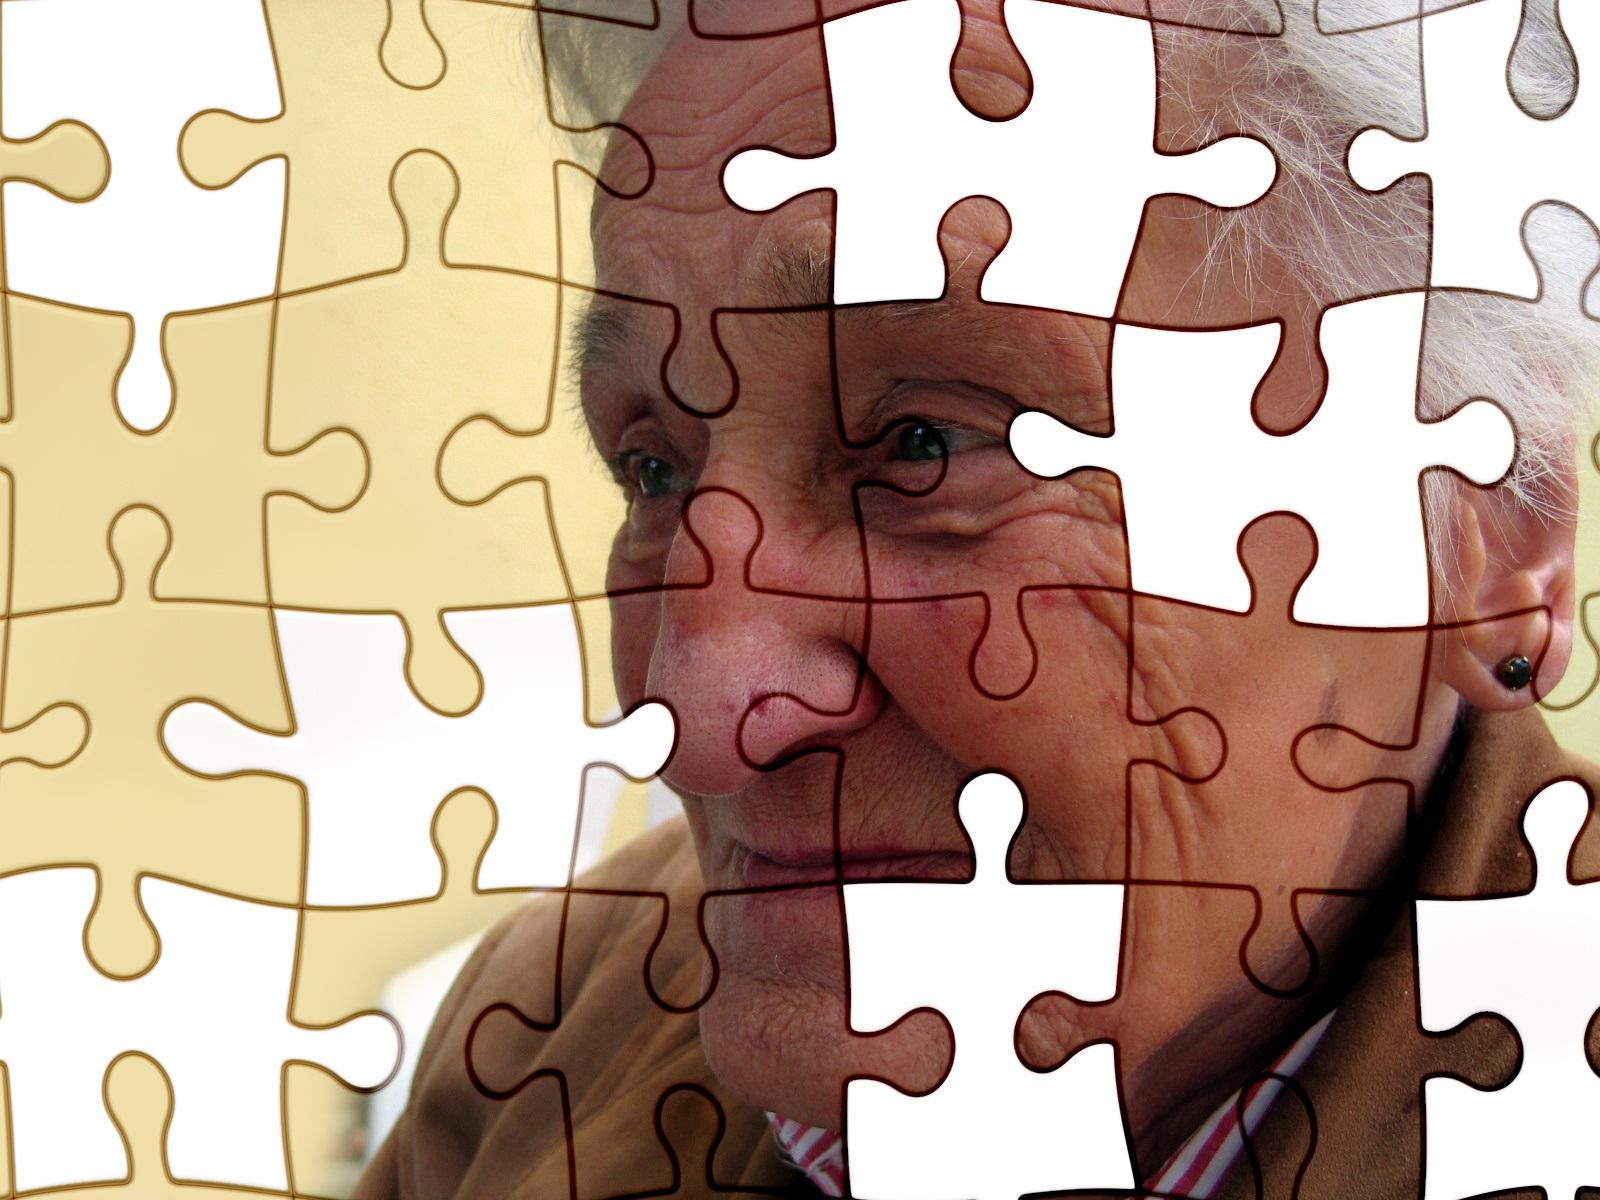 Reise ins Vergessen – ZDF mit zweiteiliger Alzheimer-Dokumentation